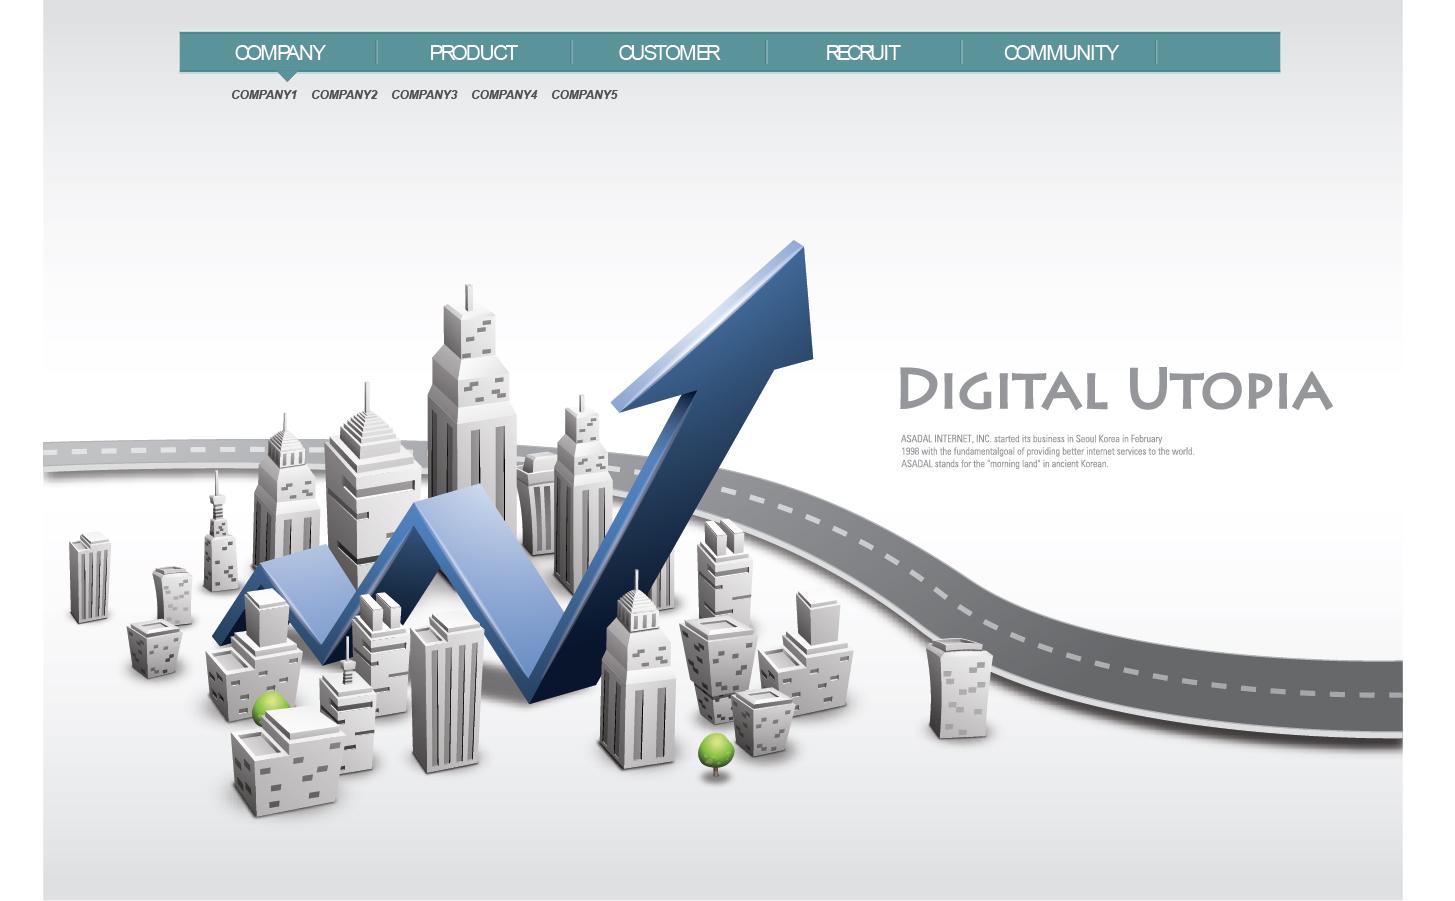 ネットワークを表現した背景 business network design background  イラスト素材